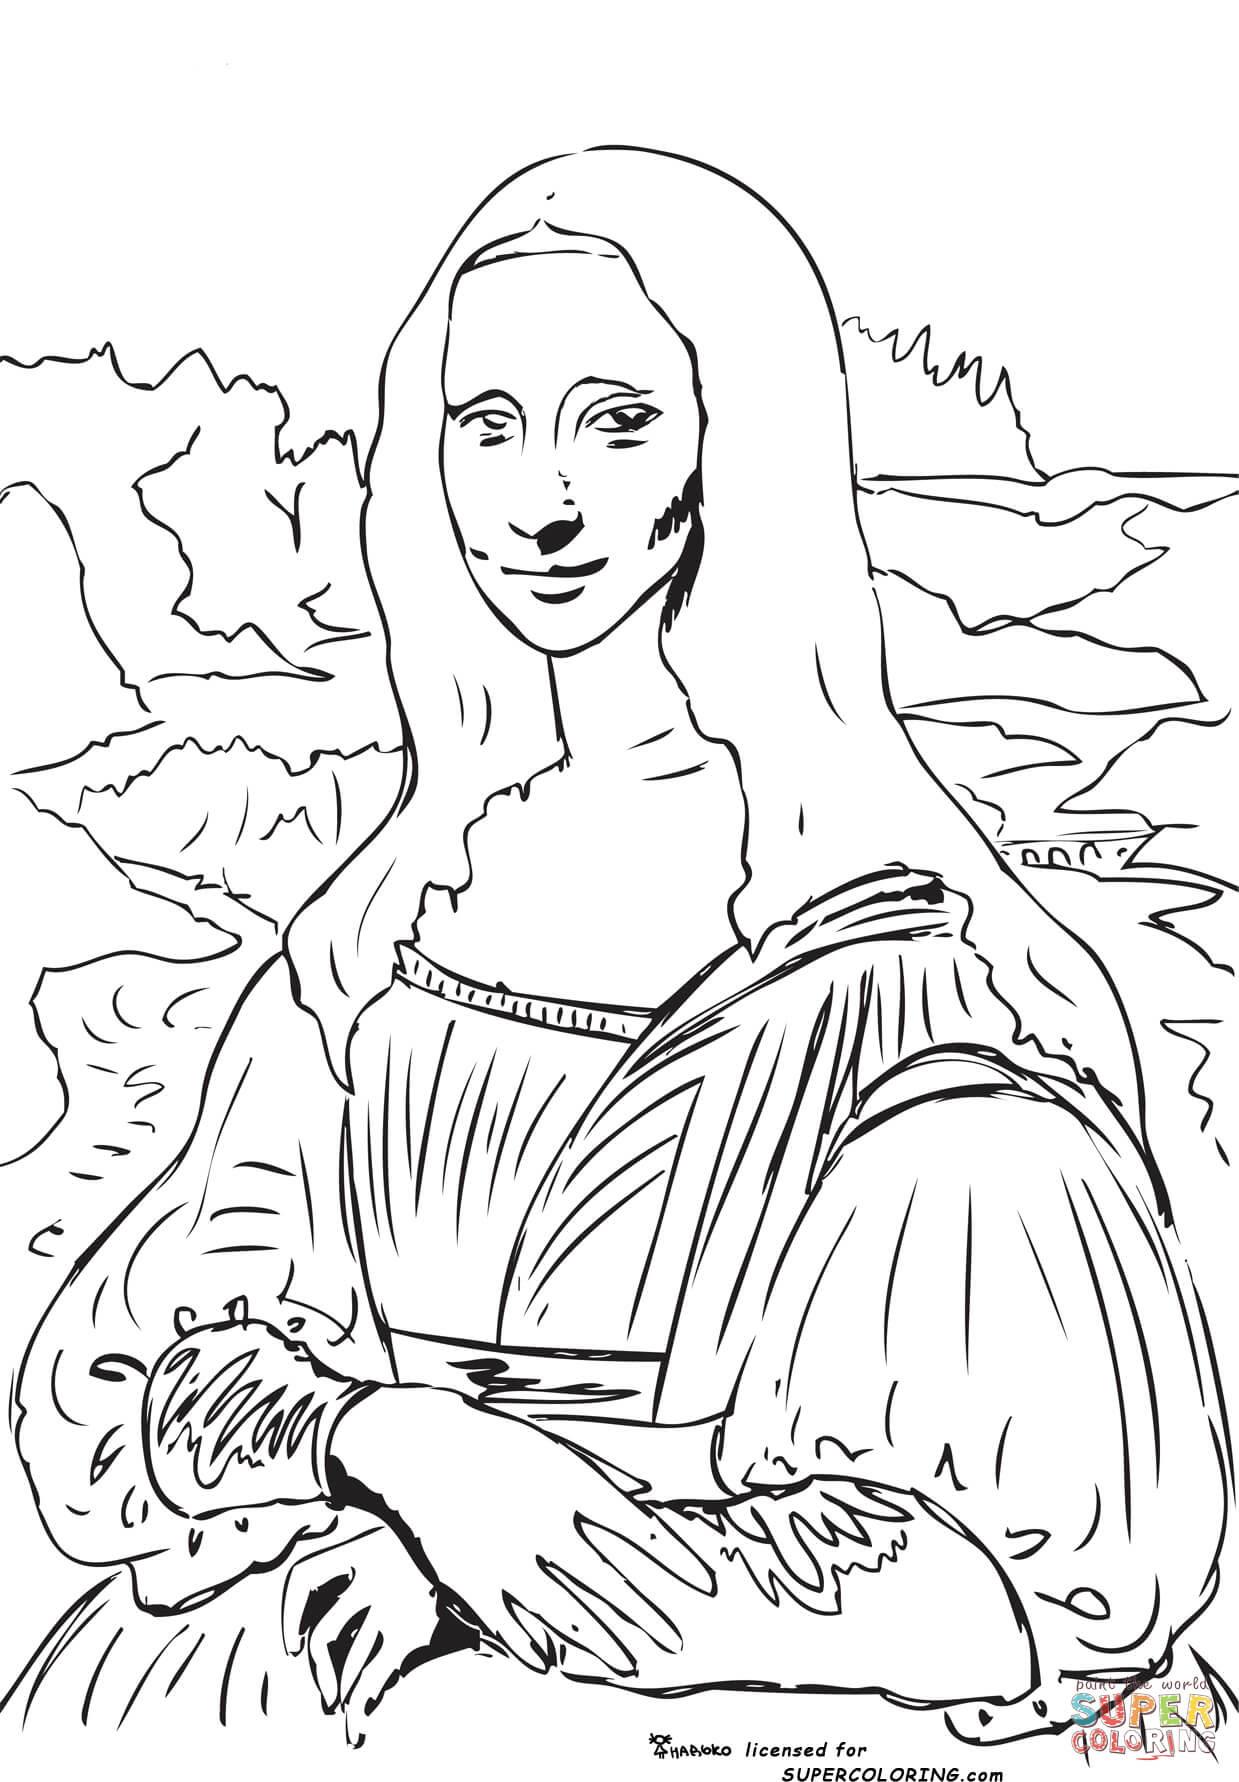 Coloriage La Joconde Par Léonard De Vinci Coloriages à Imprimer